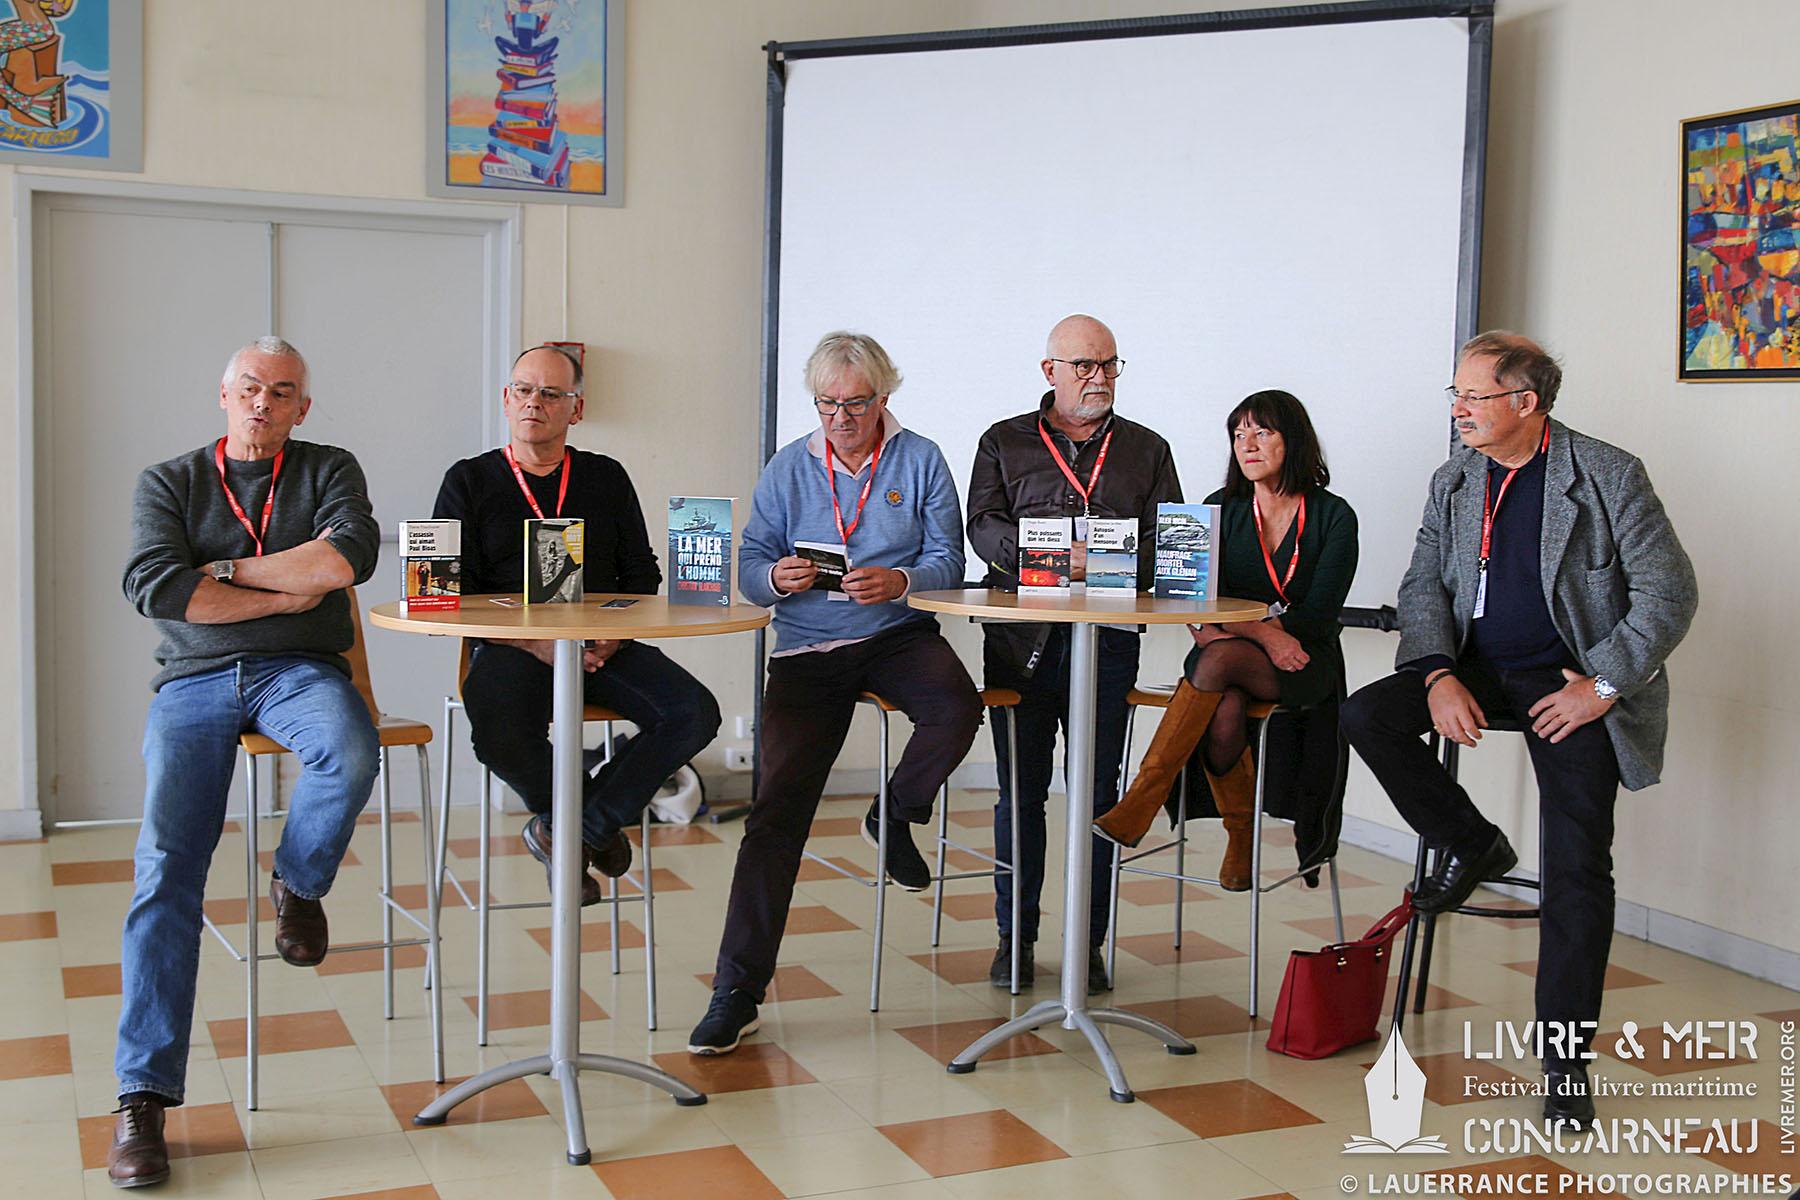 Pierre Pouchairet, Pascal Millet, Guy Rechenmann, Christian Blanchard, Françoise Le Mer & Alex Nicol © Lauerrance Photographies